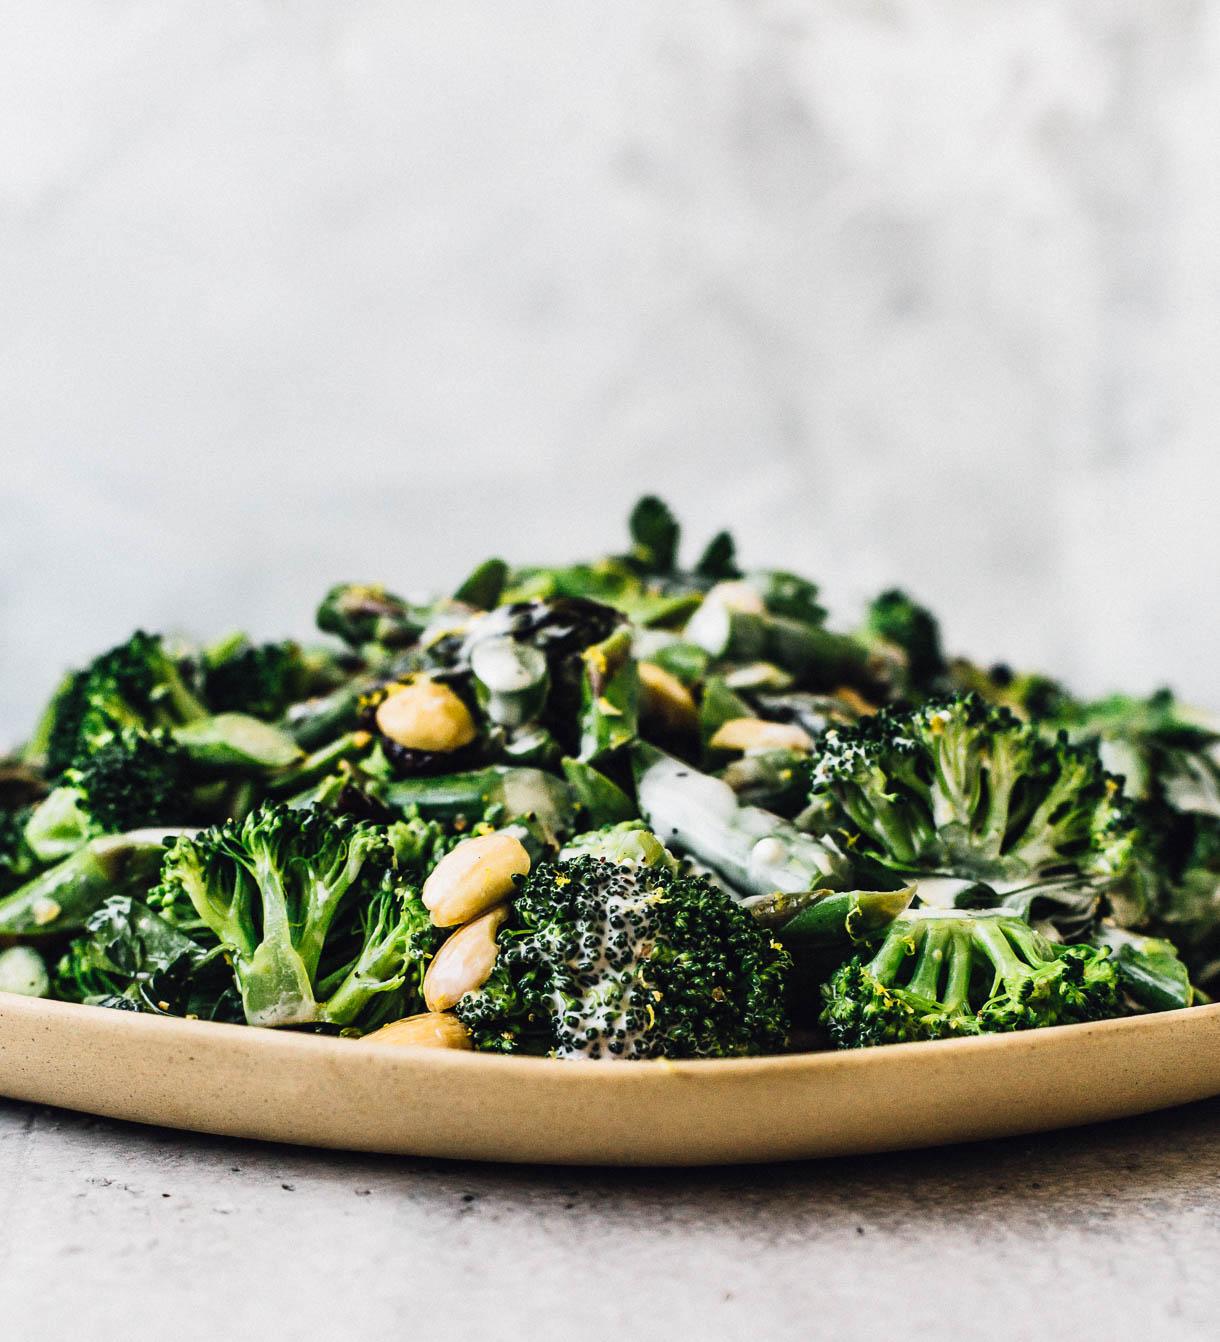 Broccoli Crunch Salad (no lettuce salad)